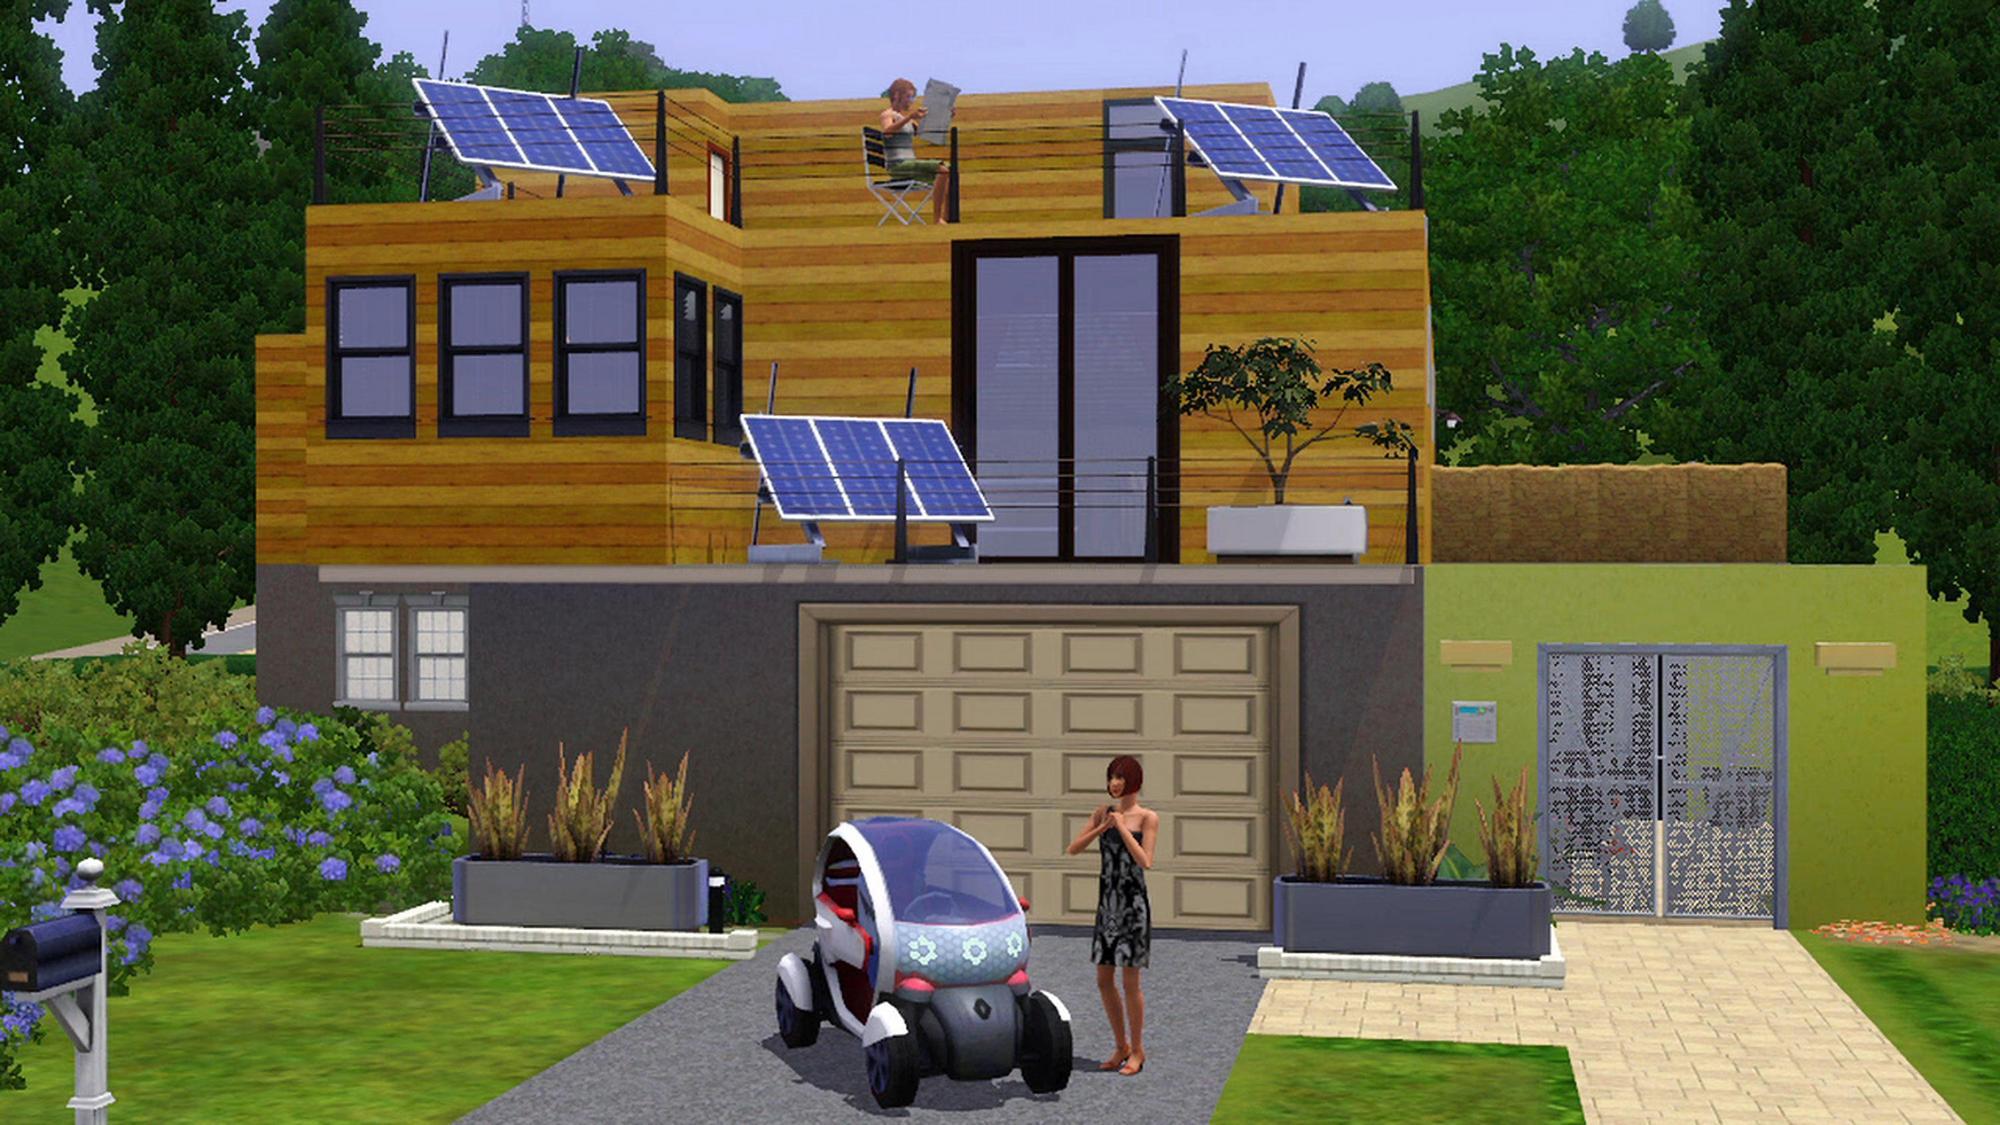 Renaulta S Electric Vehicles